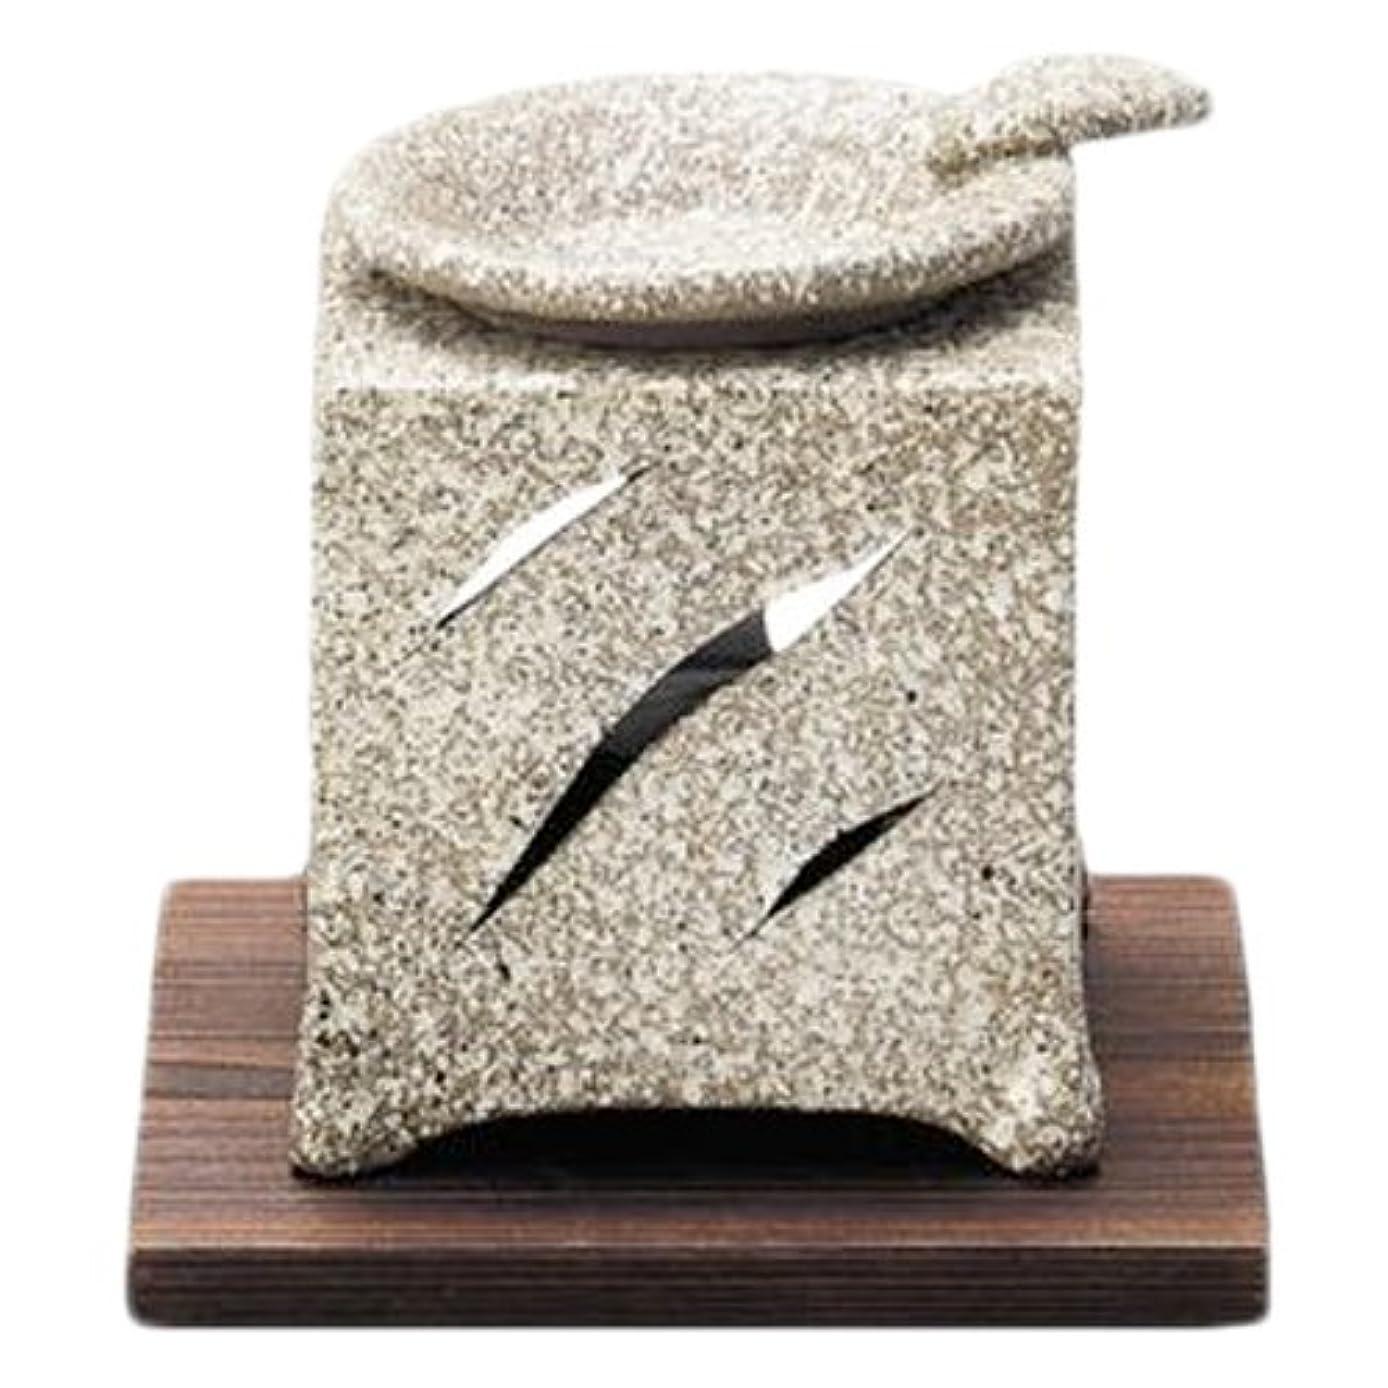 ニンニク脱獄寮常滑焼5-261山房 石風角形茶香炉 AM-T1054